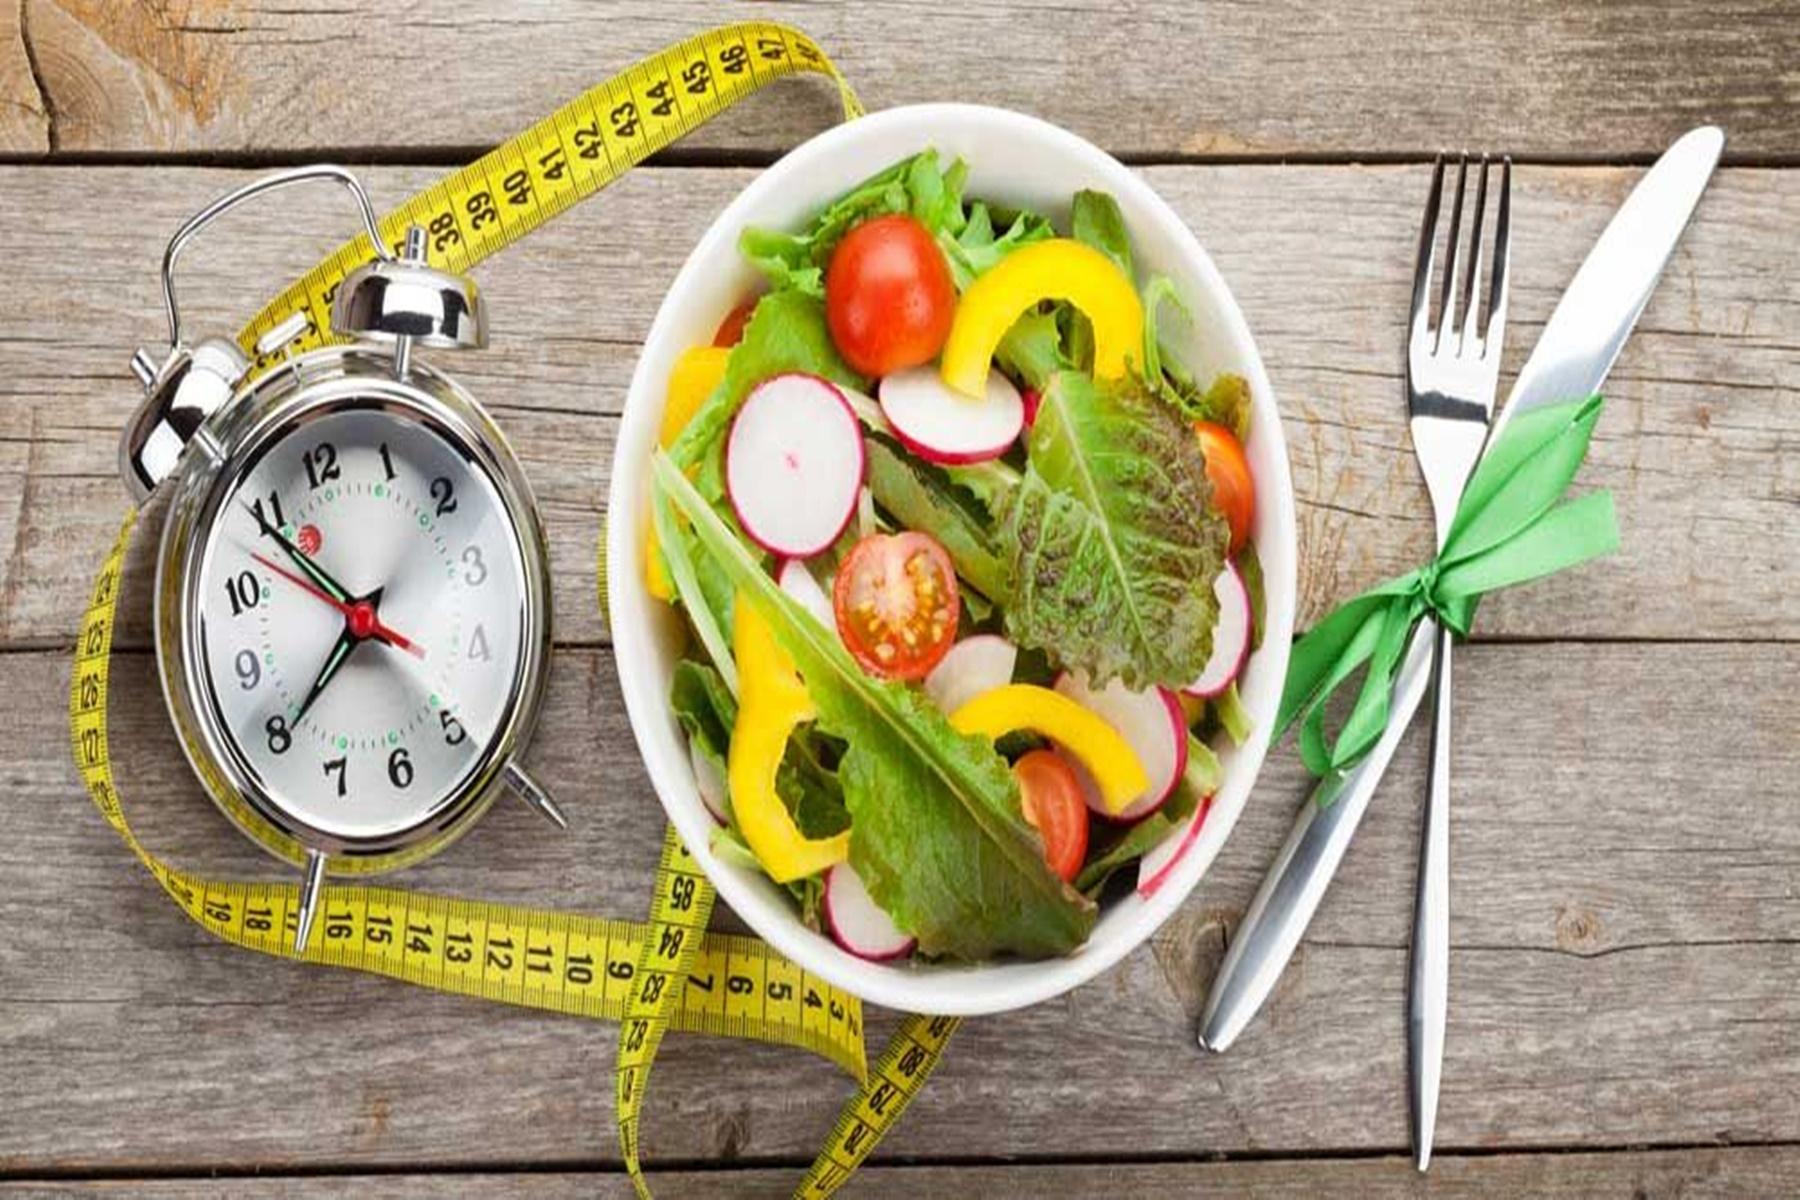 Διατροφή : Συμβουλές για να φτιάξετε υγιεινά γεύματα